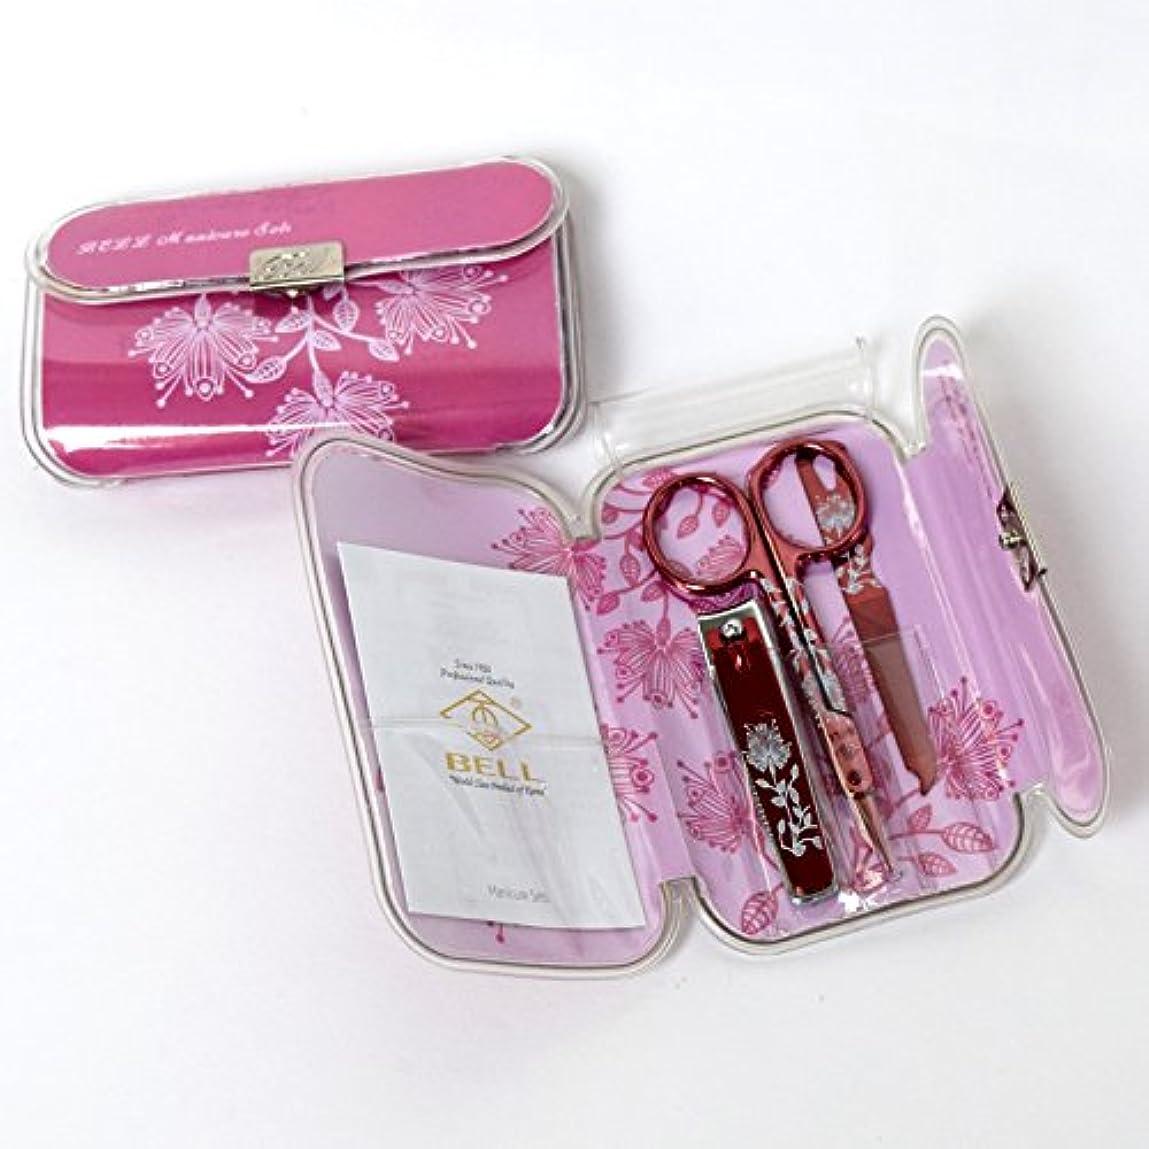 エンドテーブルアジテーション警察BELL Manicure Sets BM-330D ポータブル爪の管理セット 爪切りセット 高品質のネイルケアセット高級感のある東洋画のデザイン Portable Nail Clippers Nail Care Set